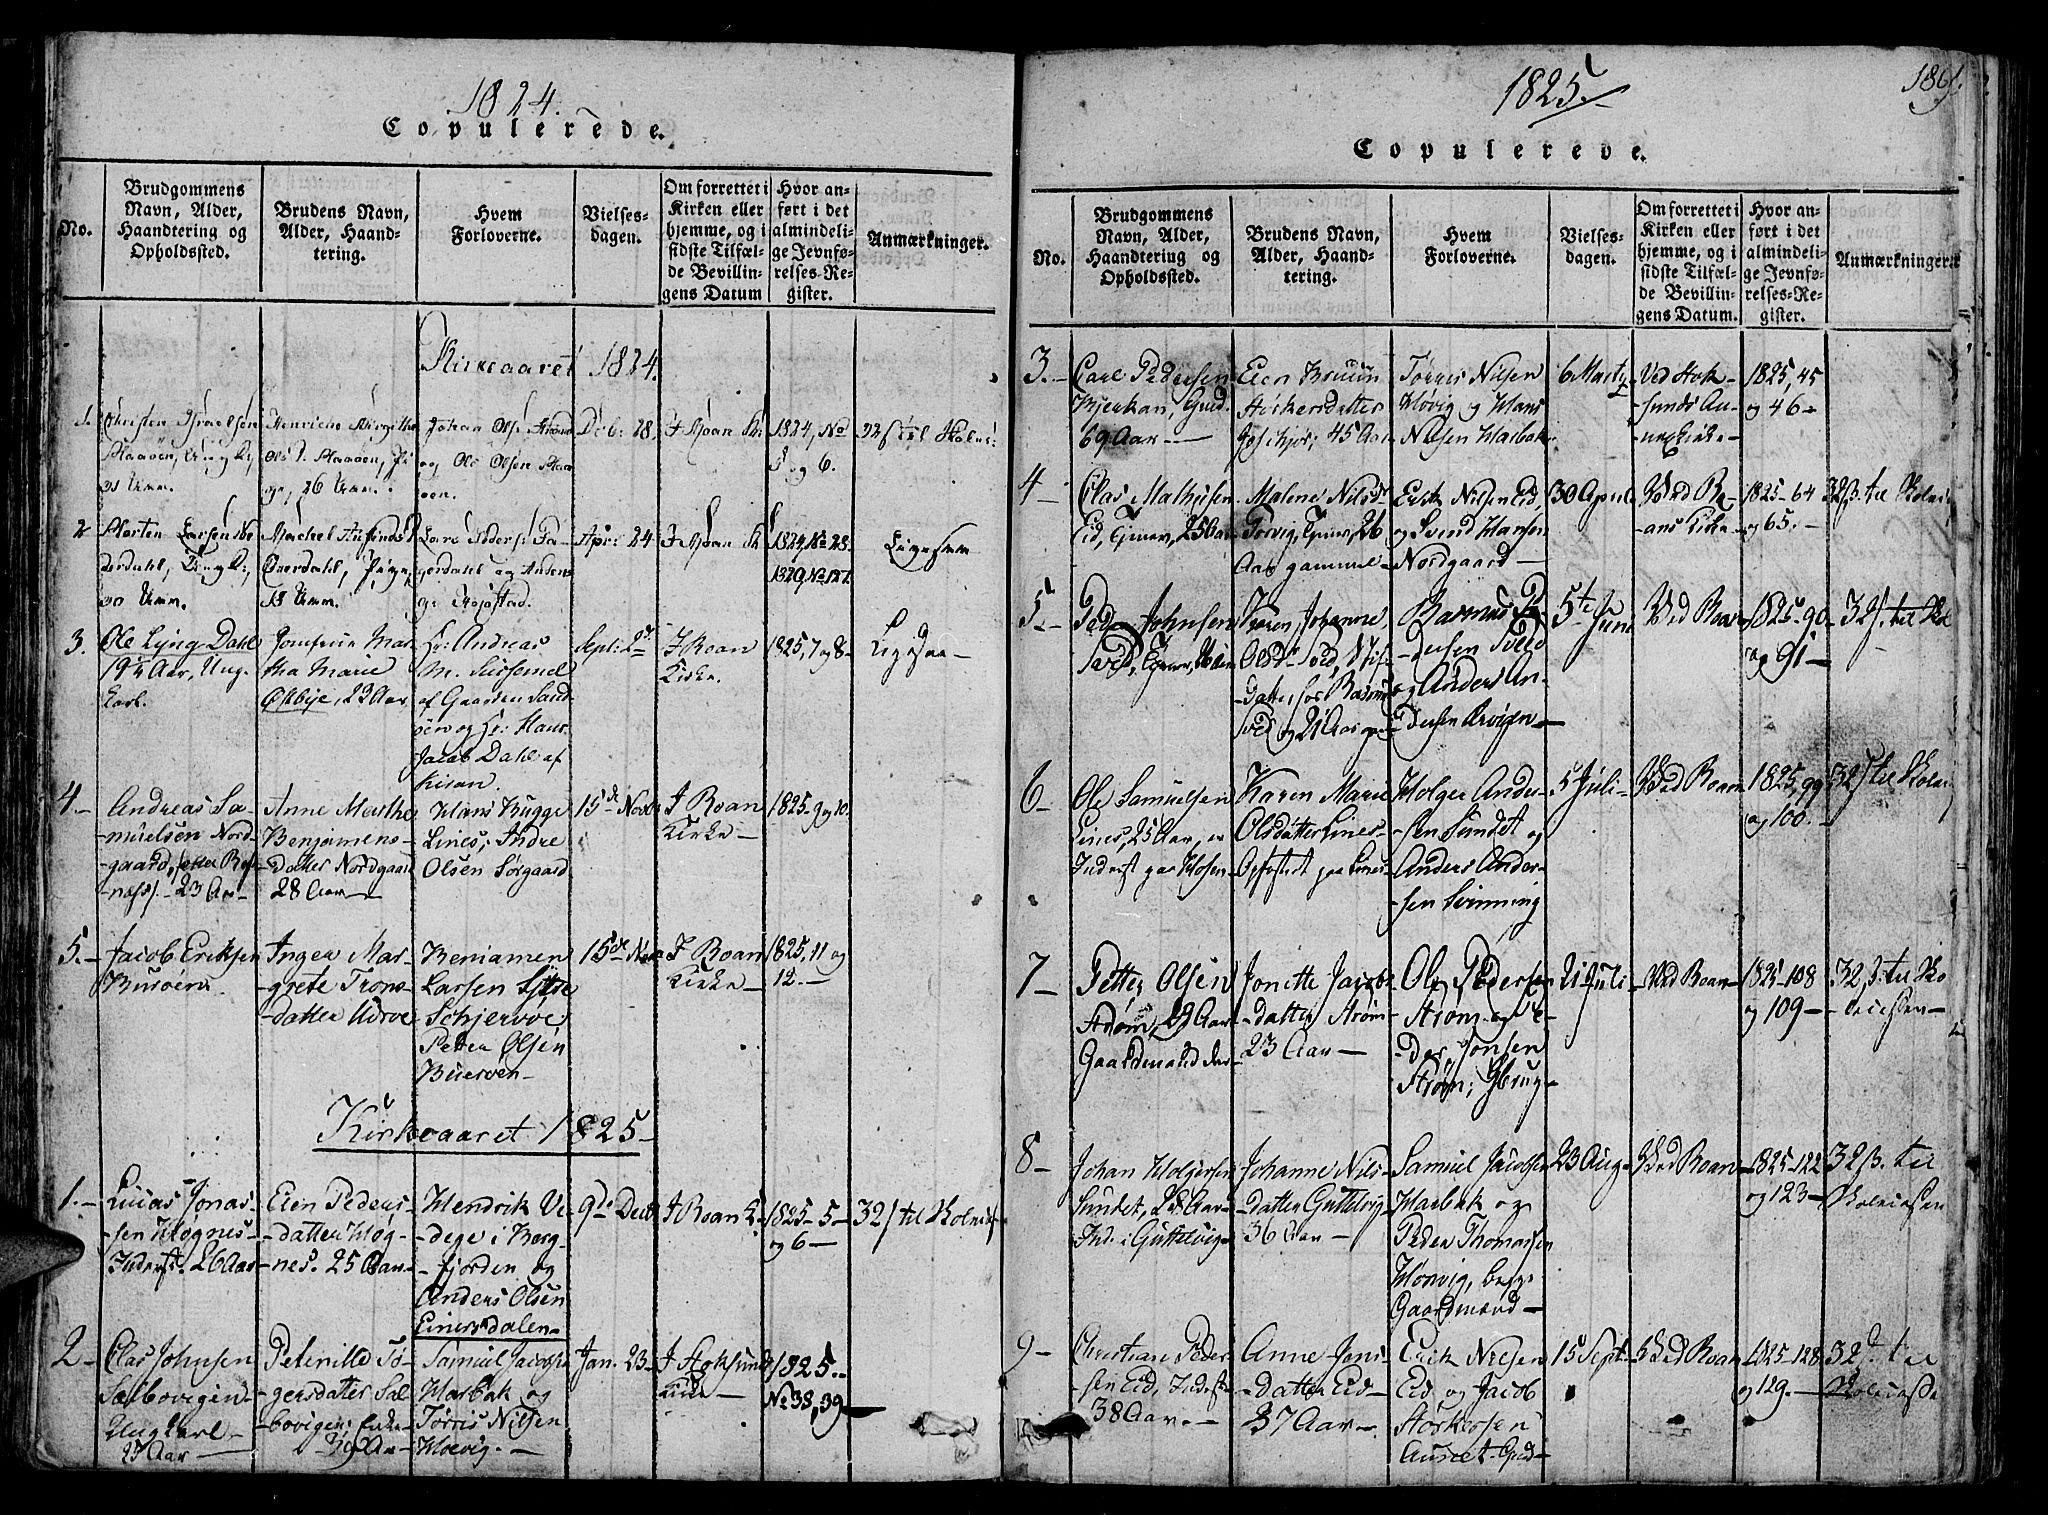 SAT, Ministerialprotokoller, klokkerbøker og fødselsregistre - Sør-Trøndelag, 657/L0702: Ministerialbok nr. 657A03, 1818-1831, s. 189